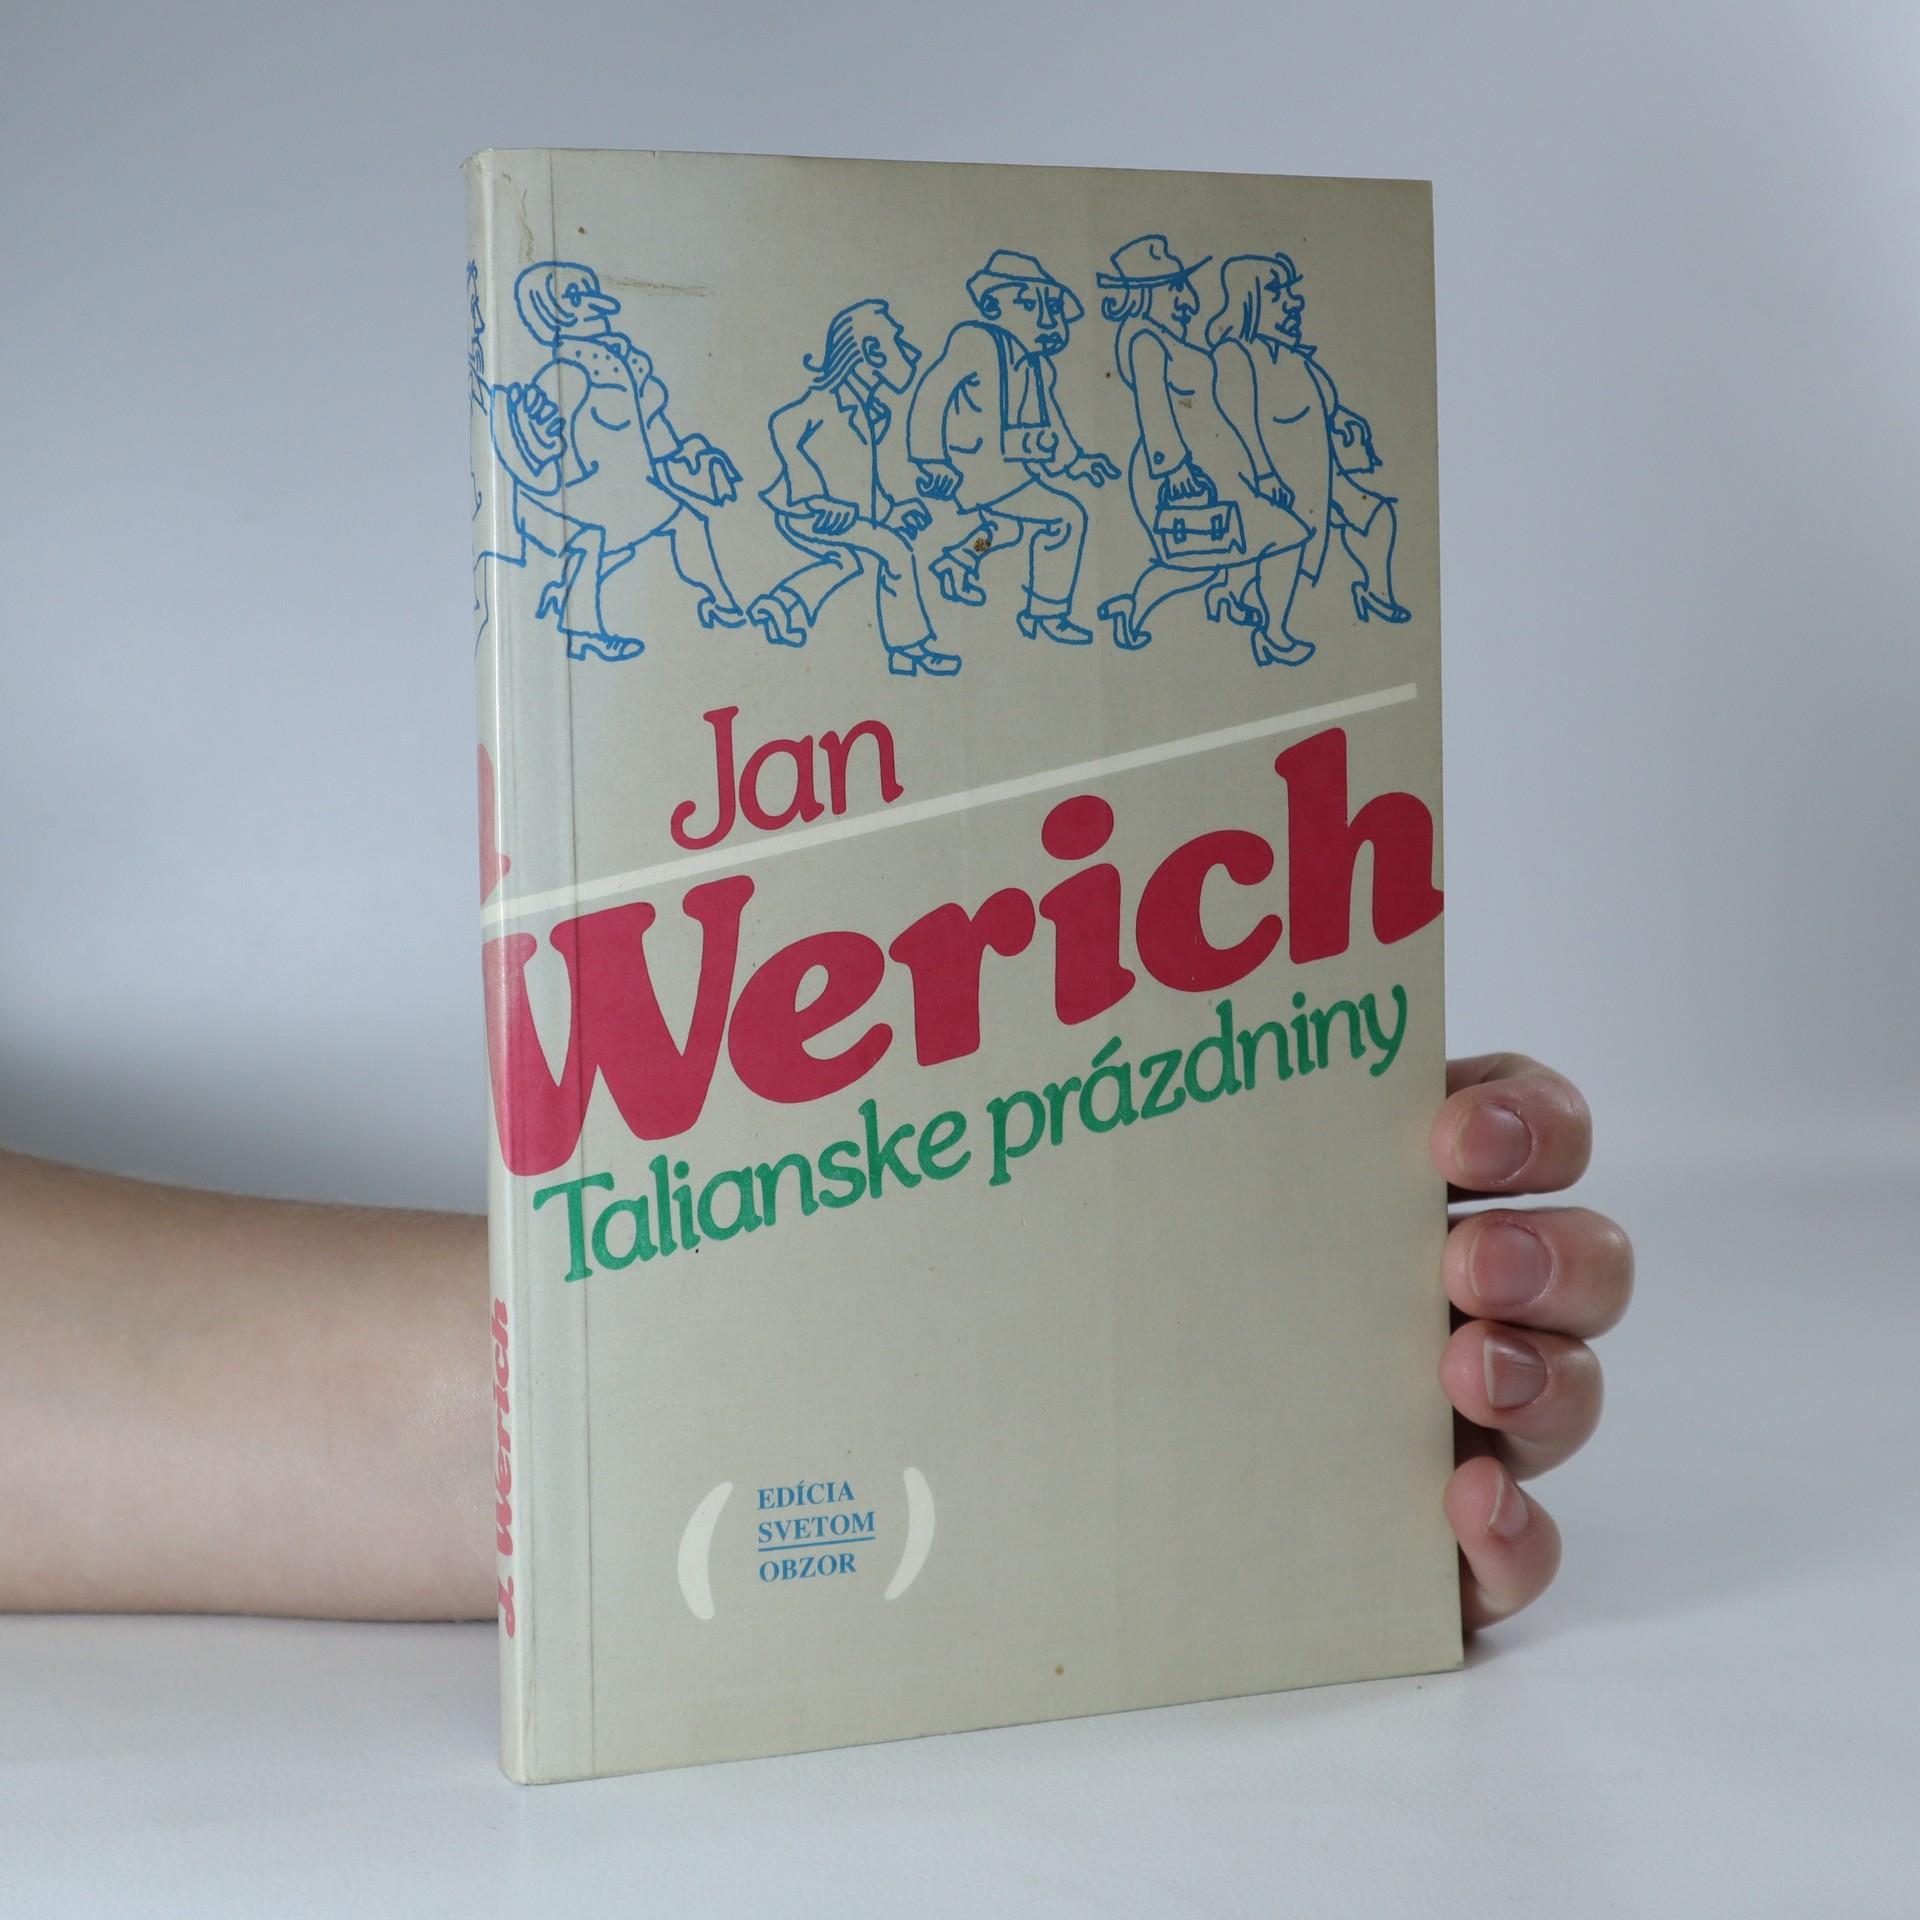 antikvární kniha Talianske prázdniny, 1988